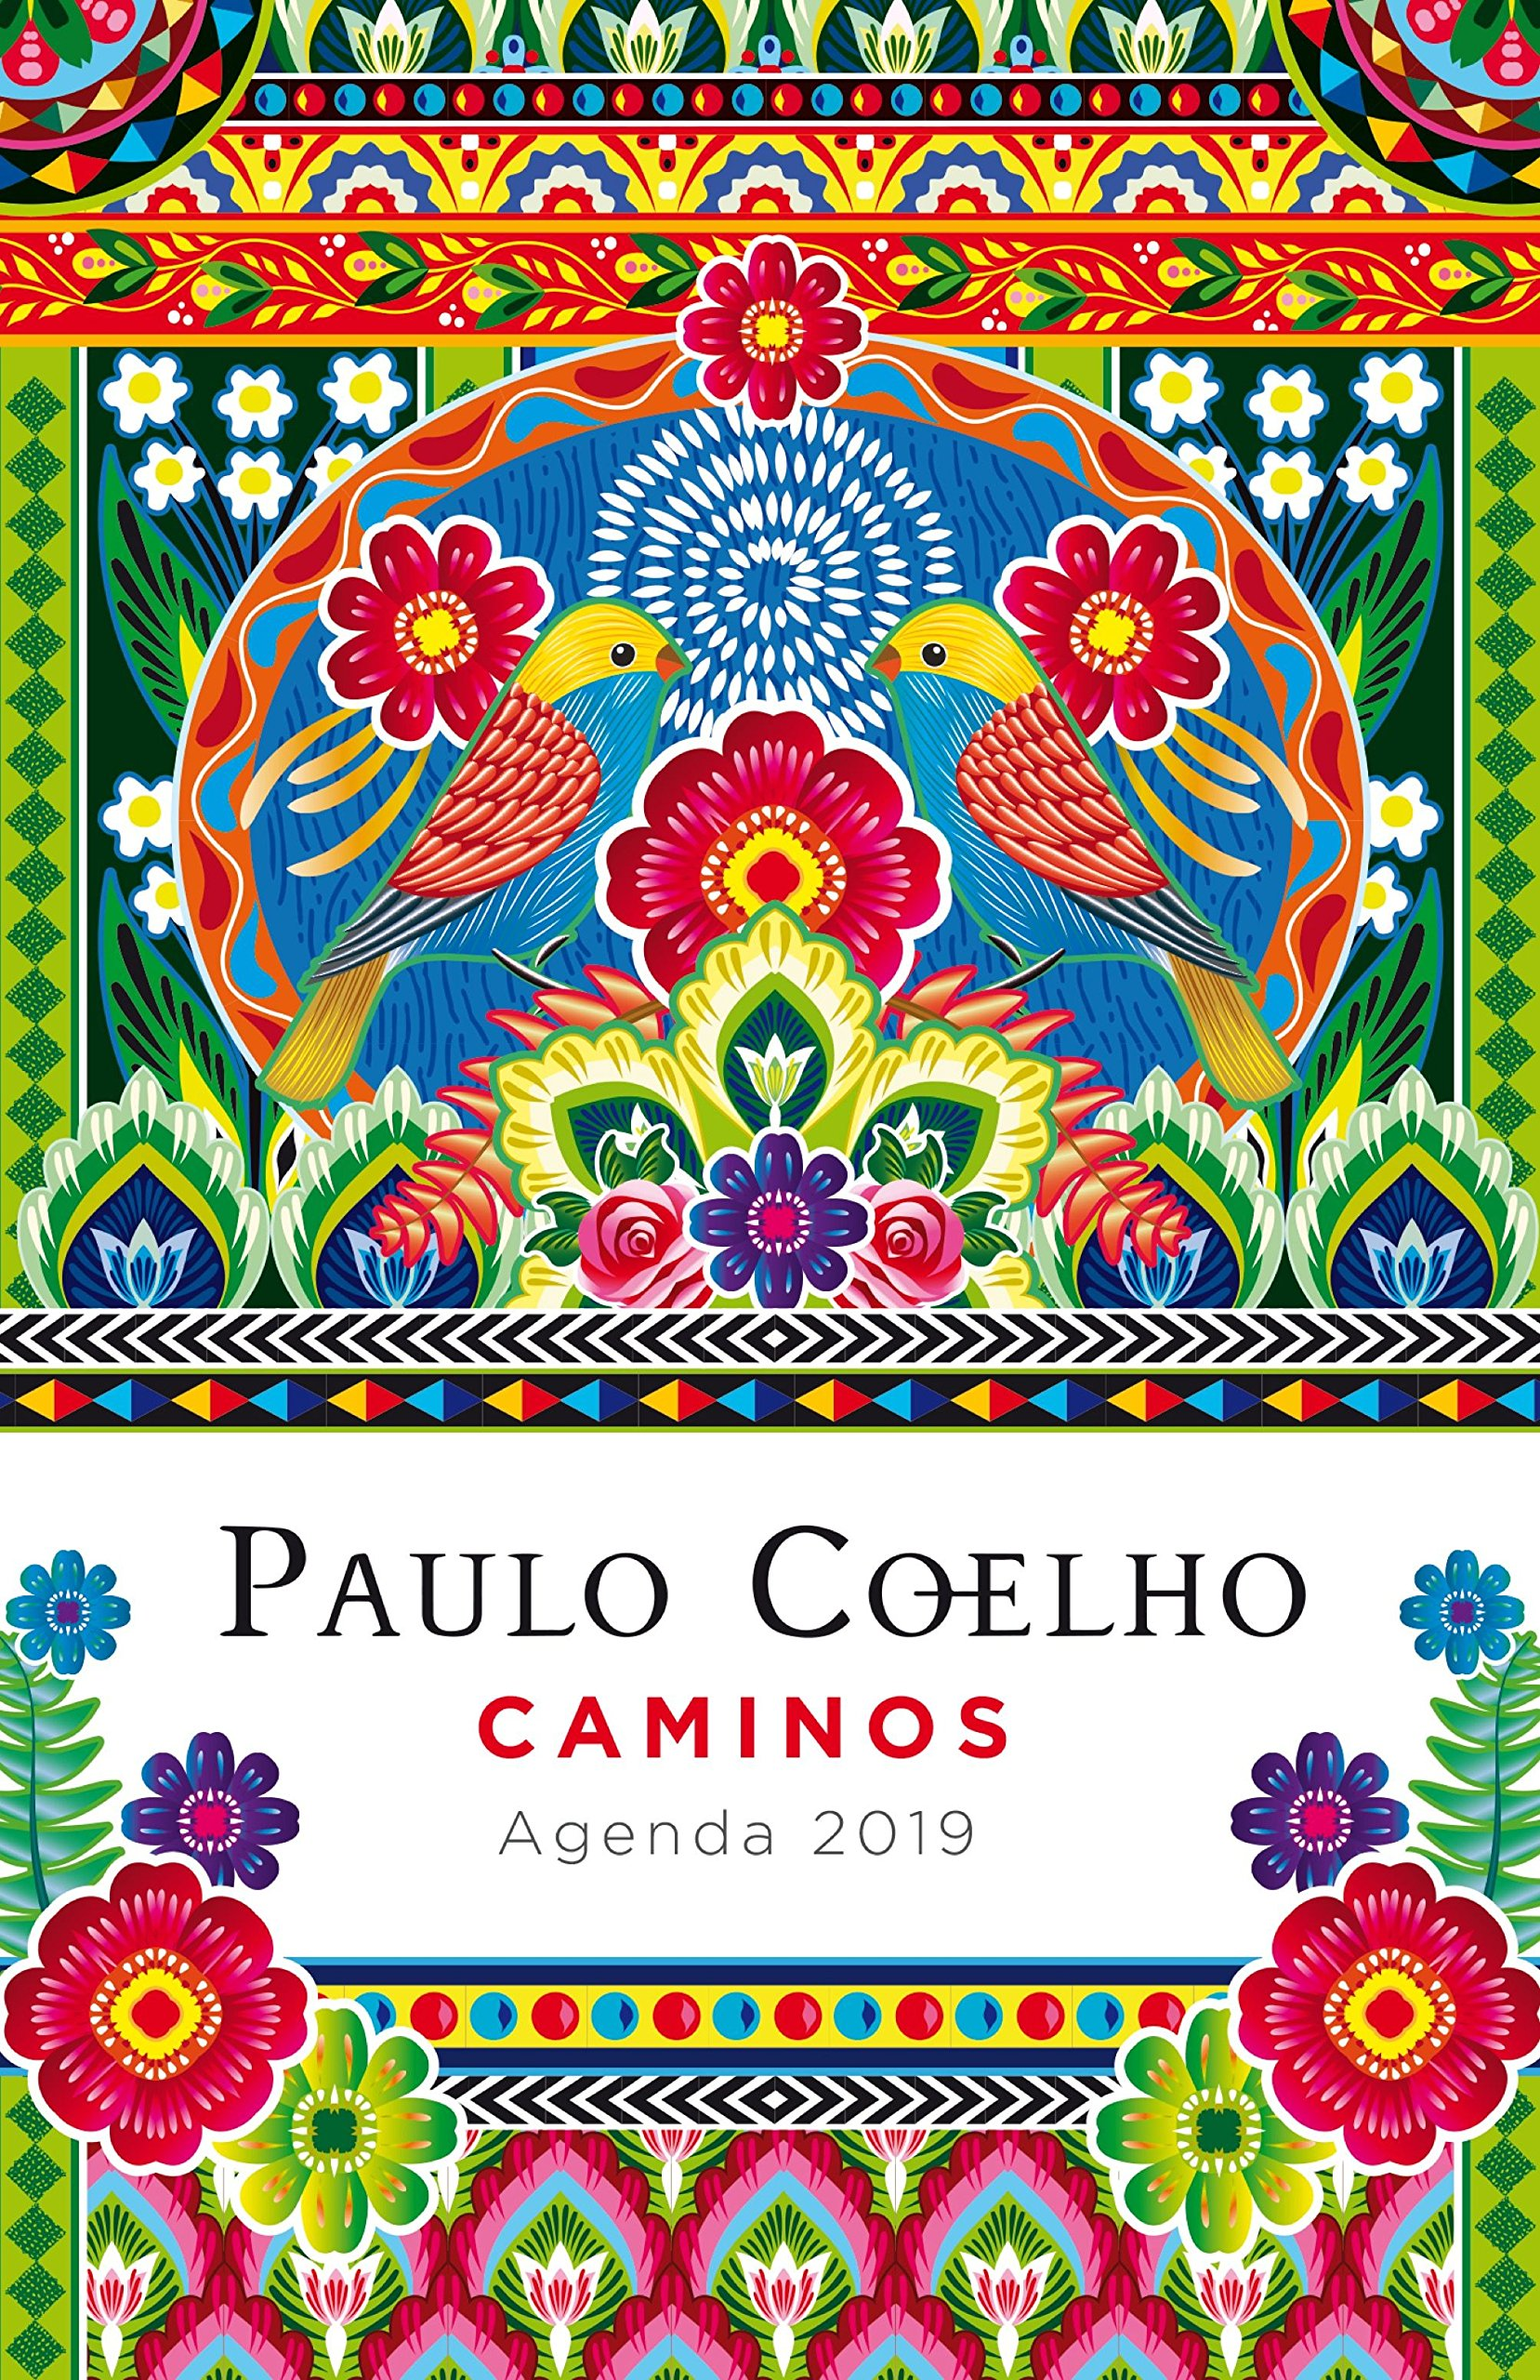 Caminos (Agenda Coelho 2019): Paulo Coelho: 9788408183297 ...